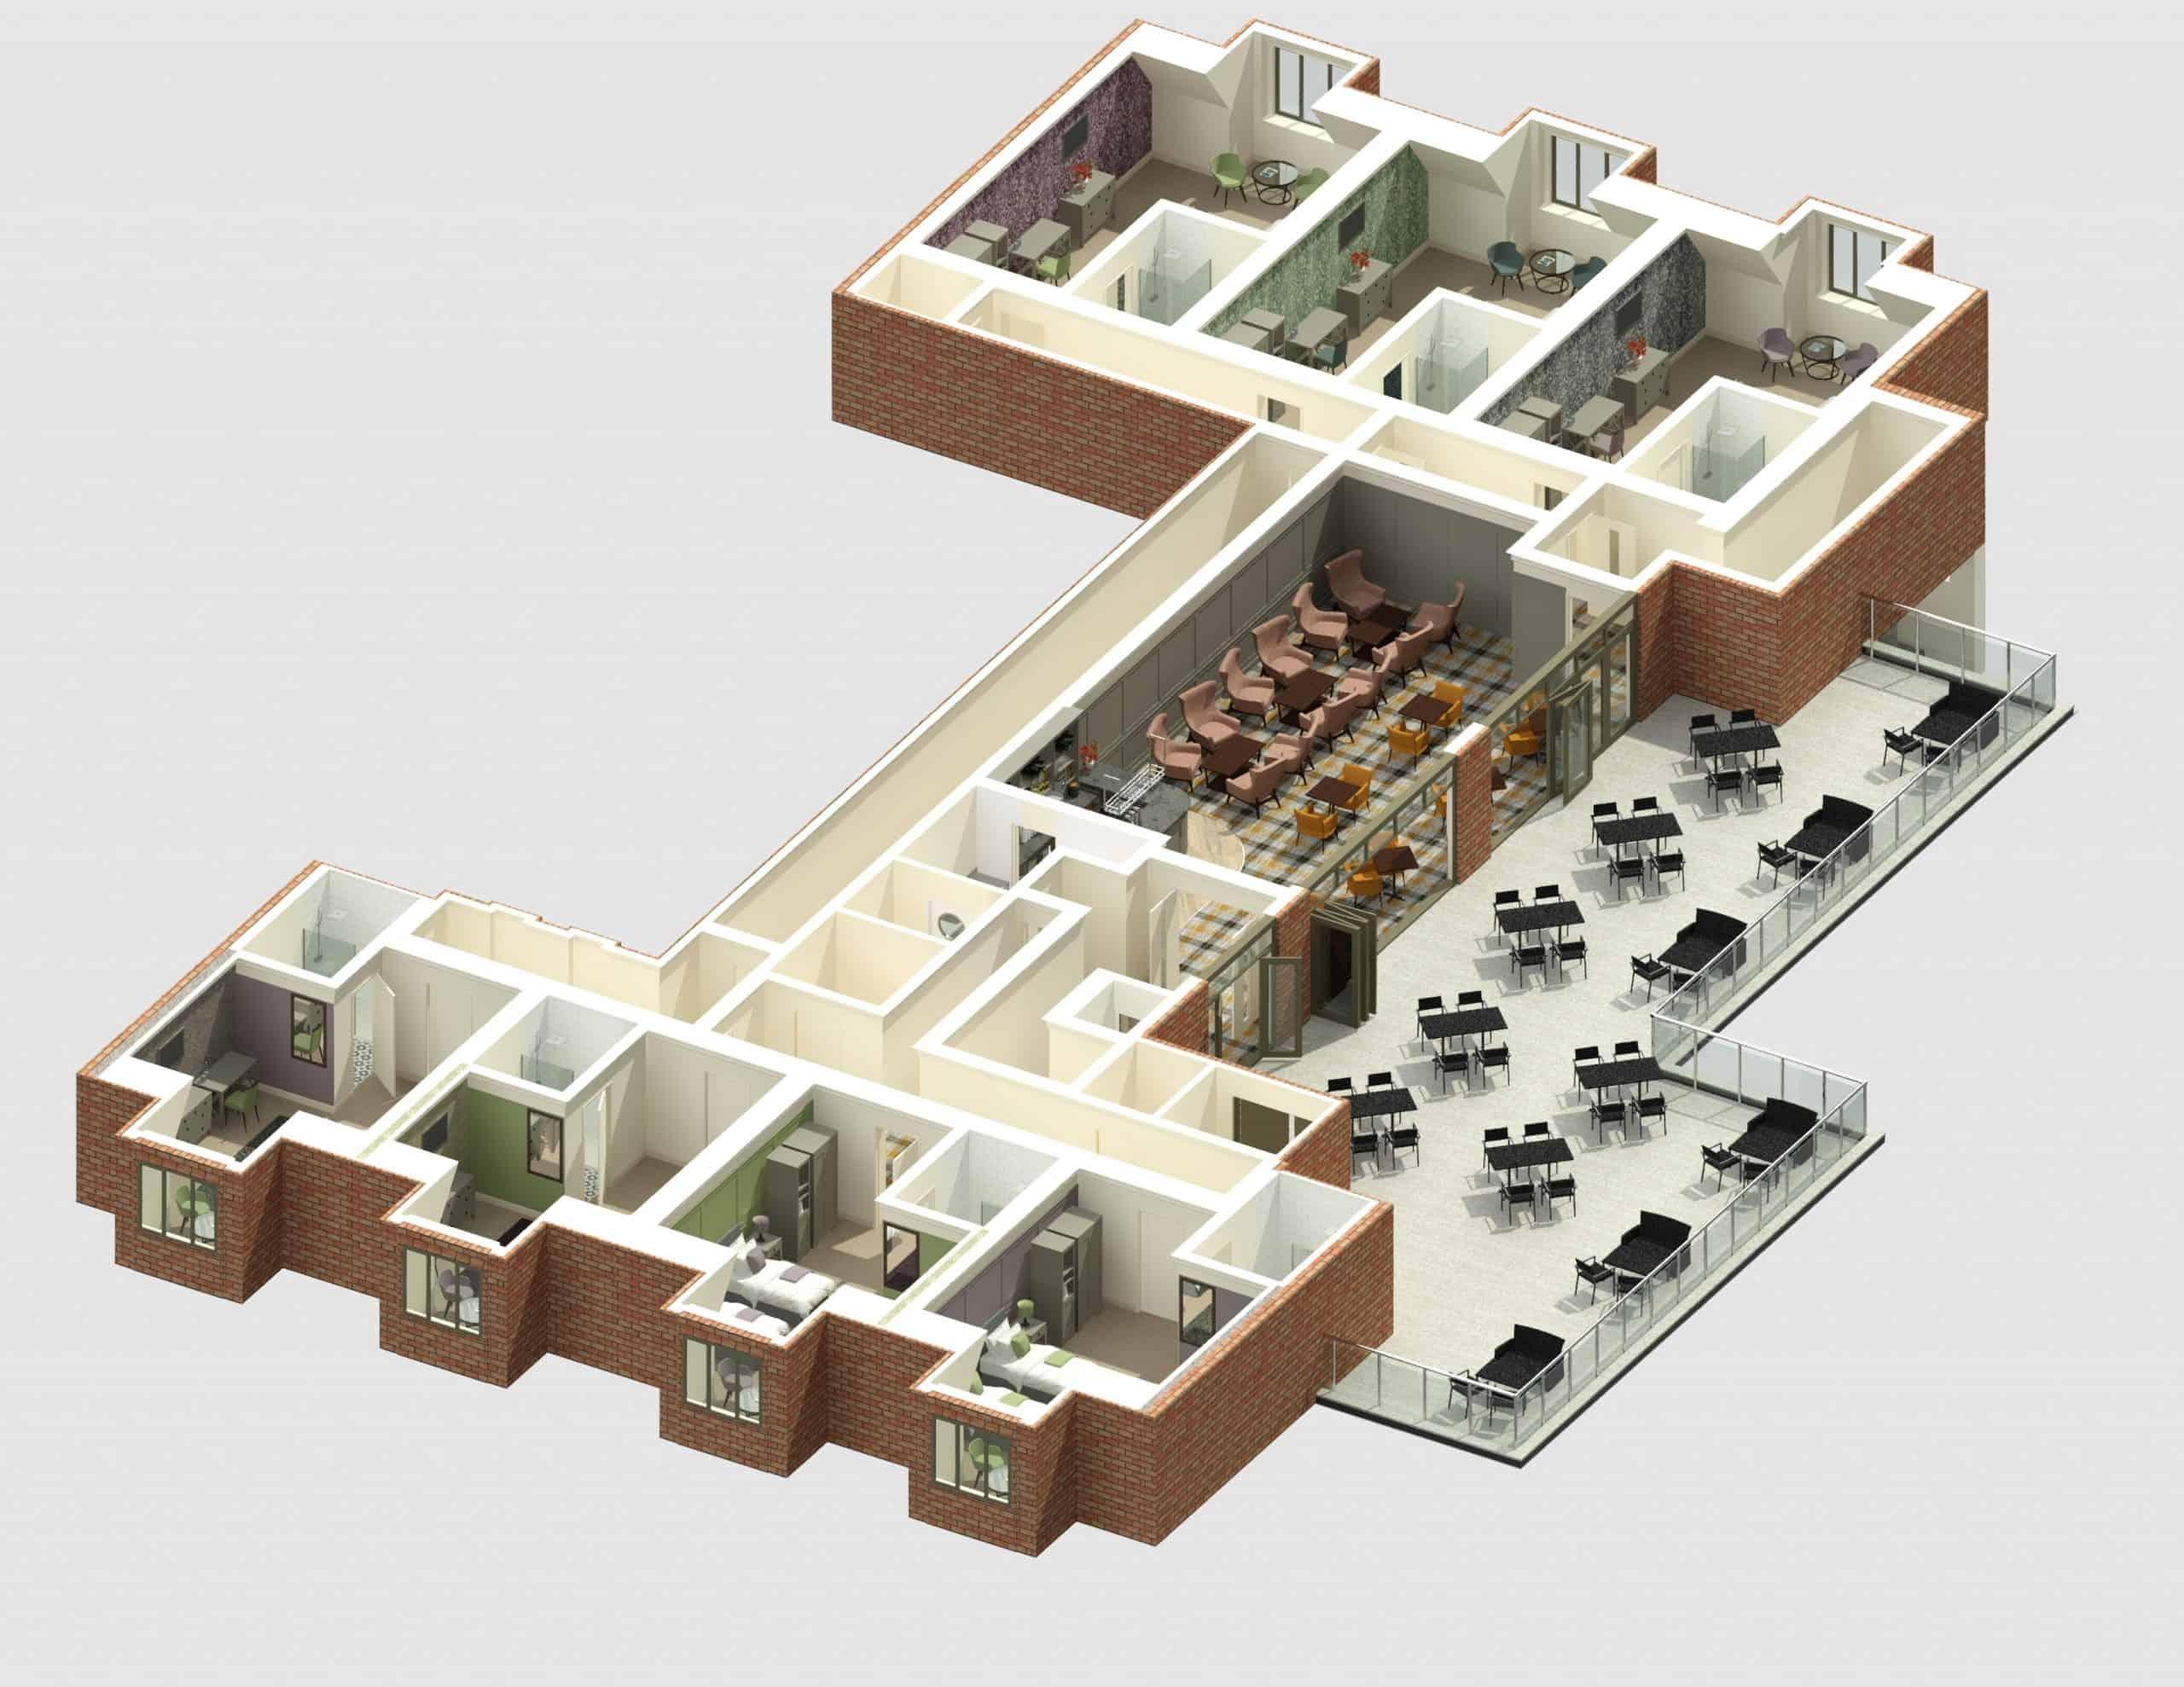 E1282 3Dmodel03 - 1st Flr Interior - Heacham Manor-Temp0032